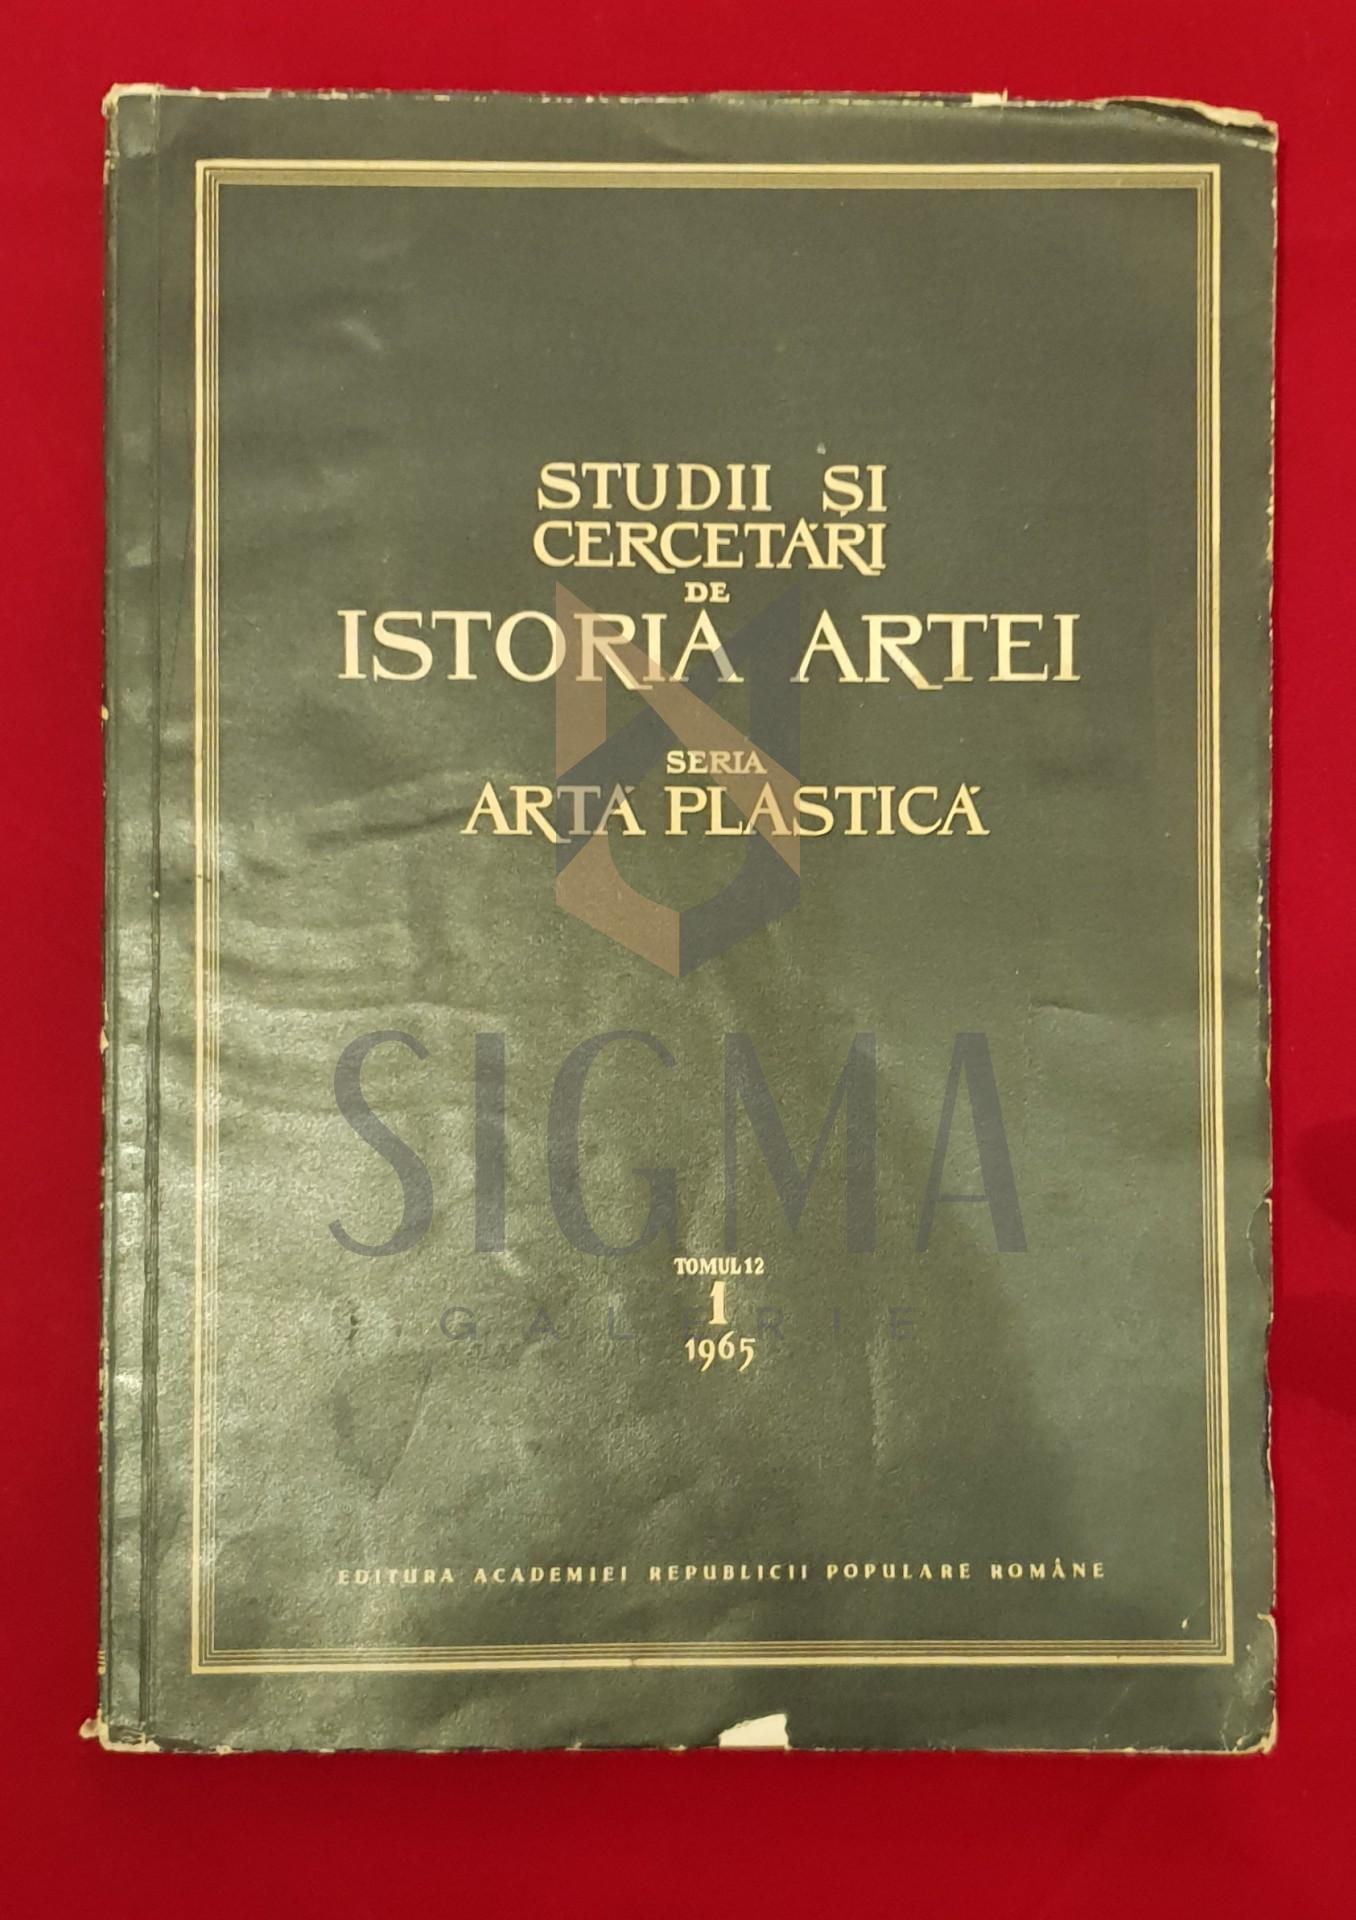 Studii si cercetari de Istoria Artei, Seria Artă Plastică